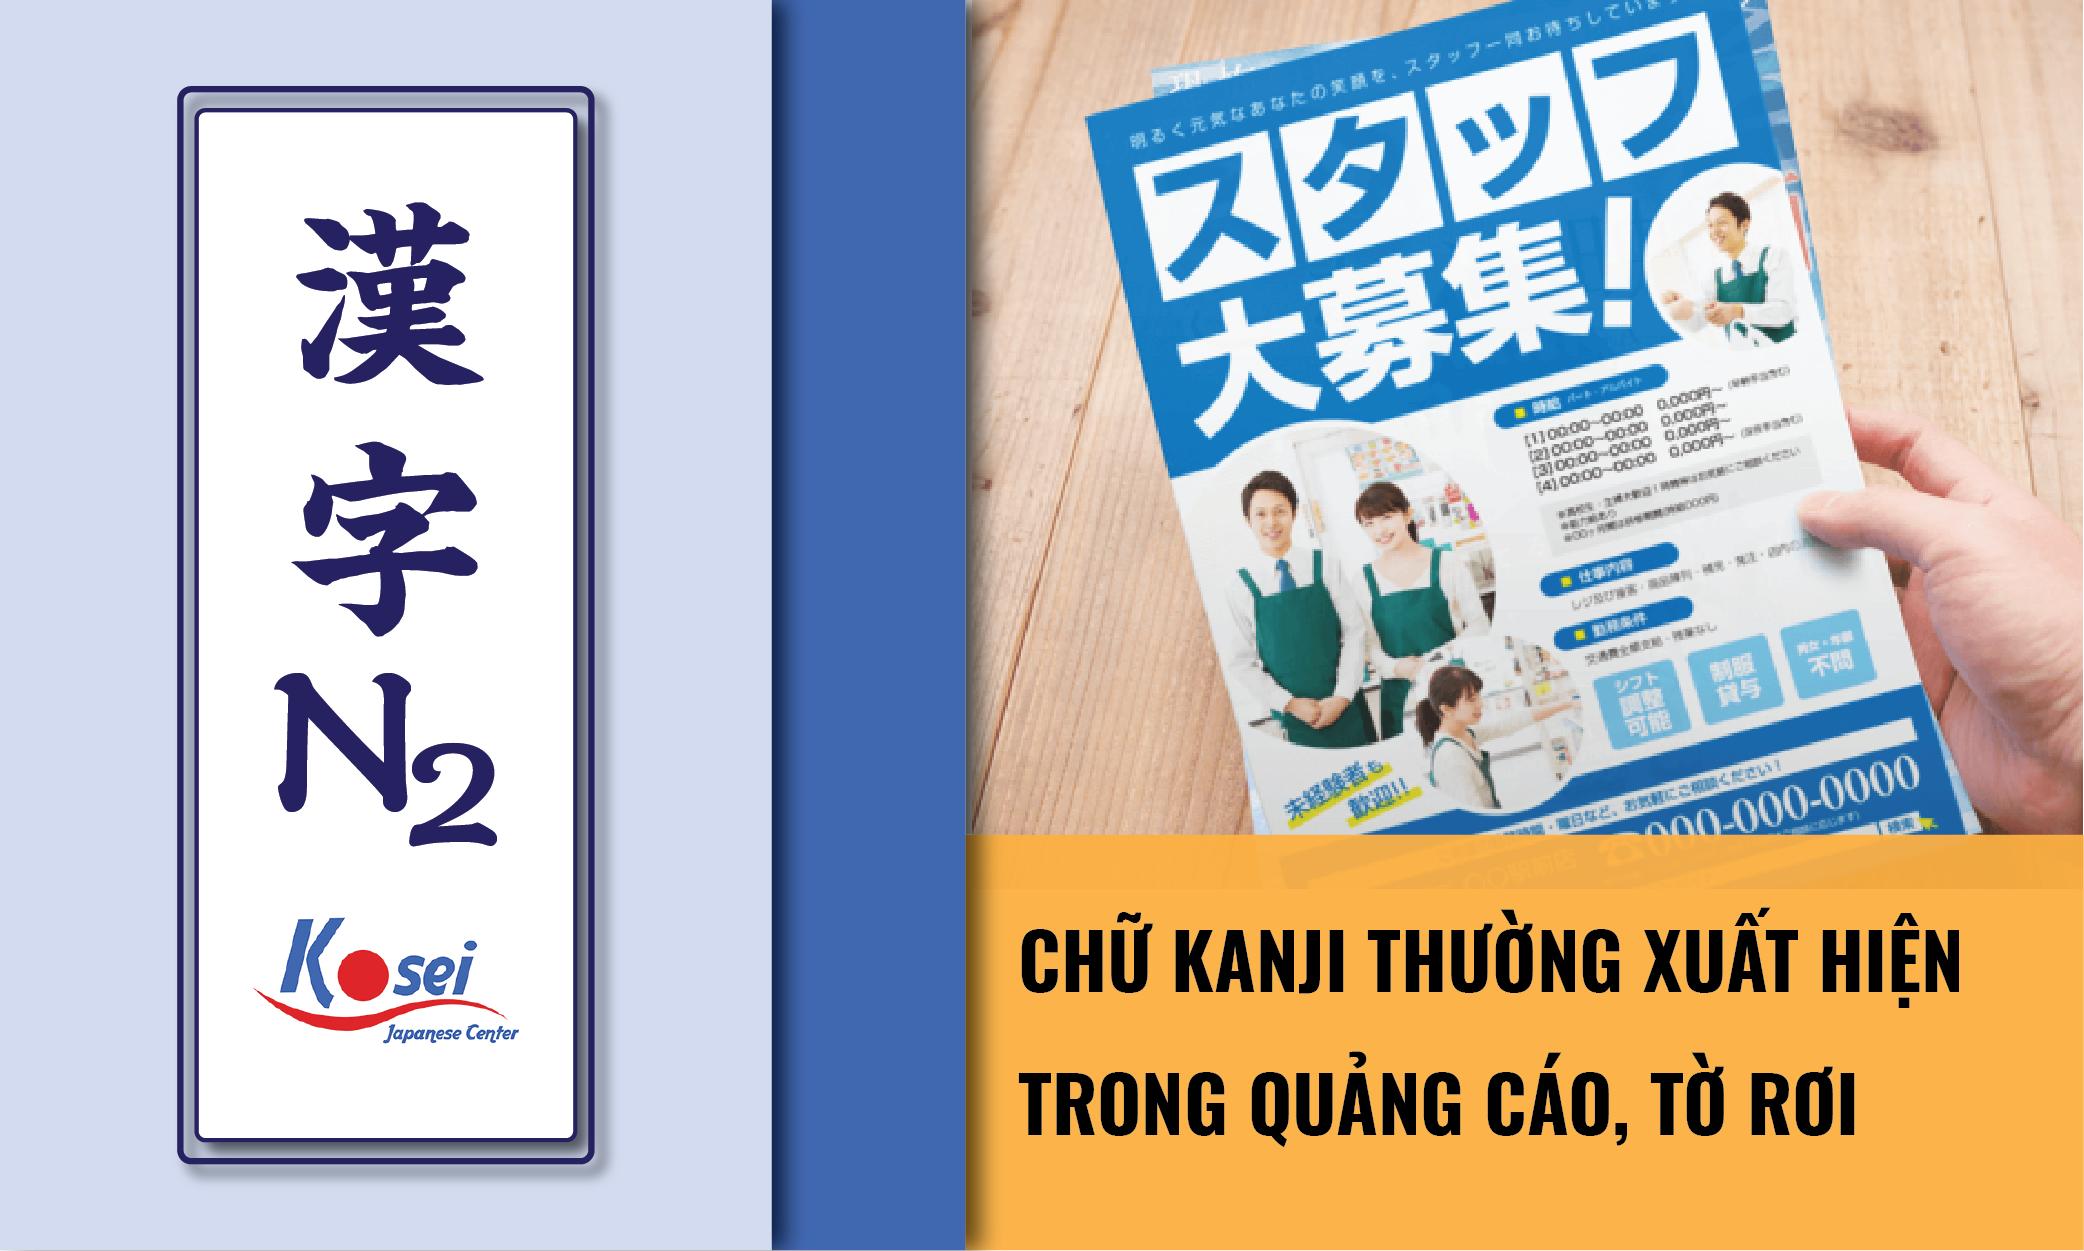 (Tổng hợp) Kanji N2: Các Kanji về quảng cáo, tờ rơi